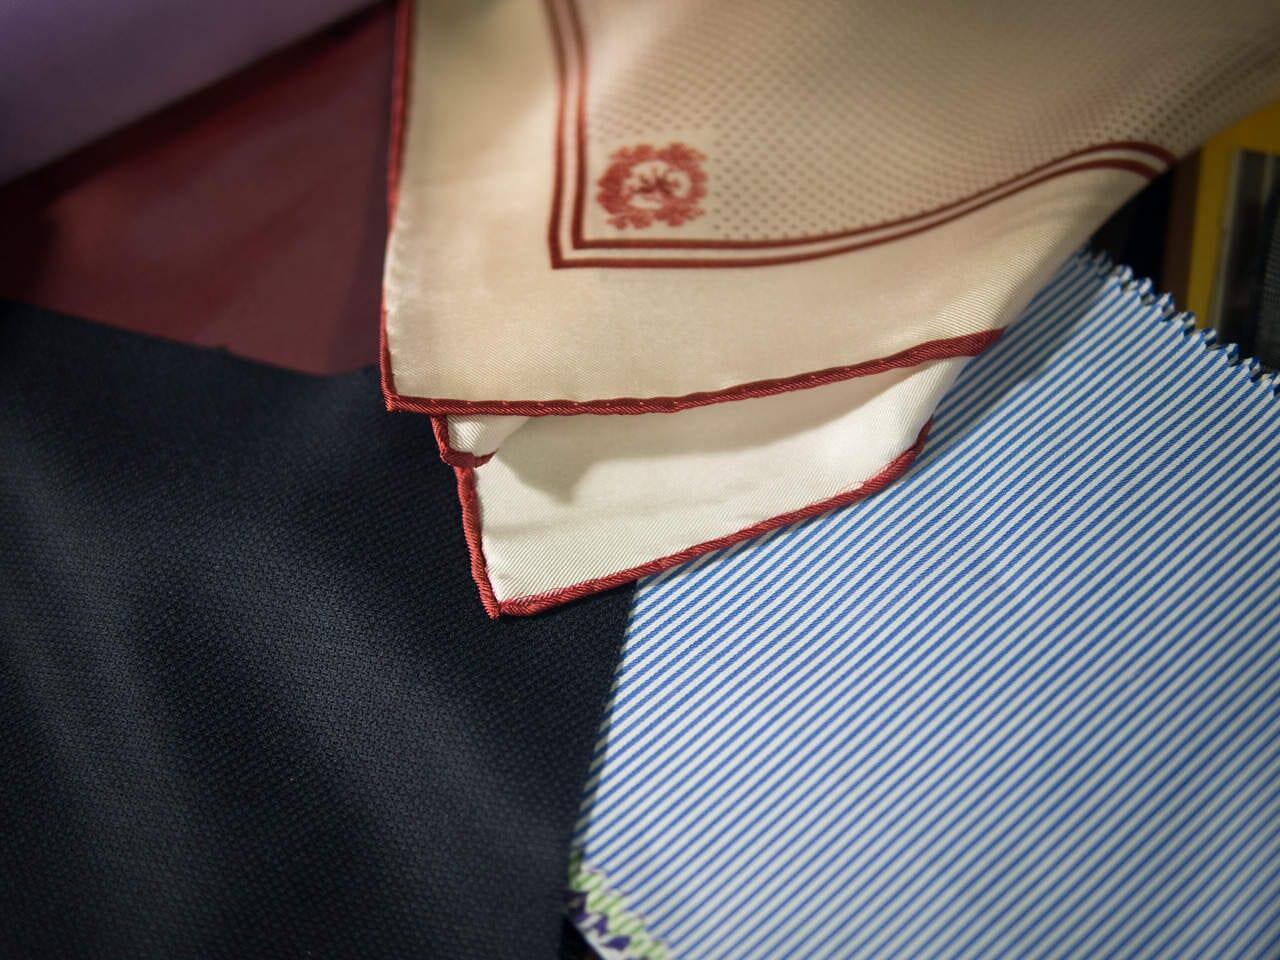 Lopulliset kangasvaihtoehdot; tummansininen kangas, viininpunainen vuorikangas, käsinrullattu Signh&Magnus-taskuliina sekä paitakangas.